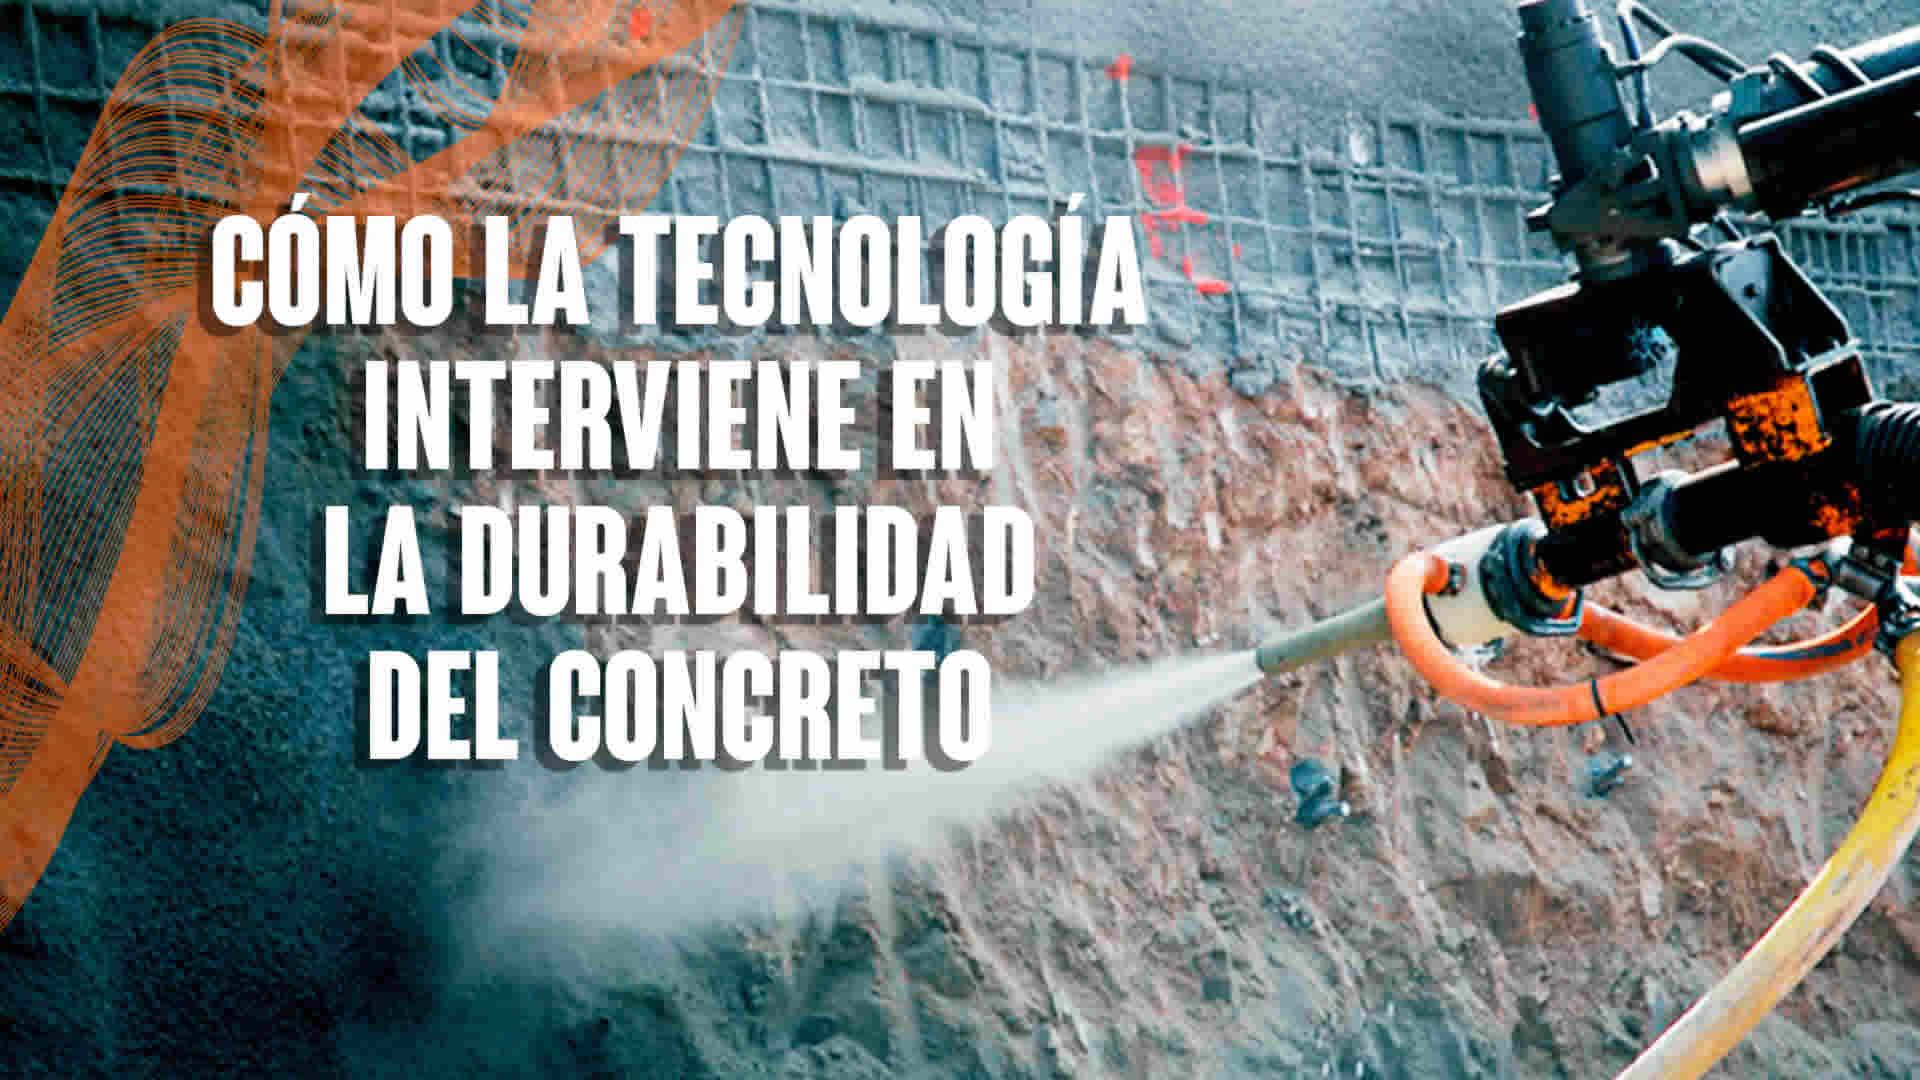 Cómo la tecnología interviene en la durabilidad del concreto